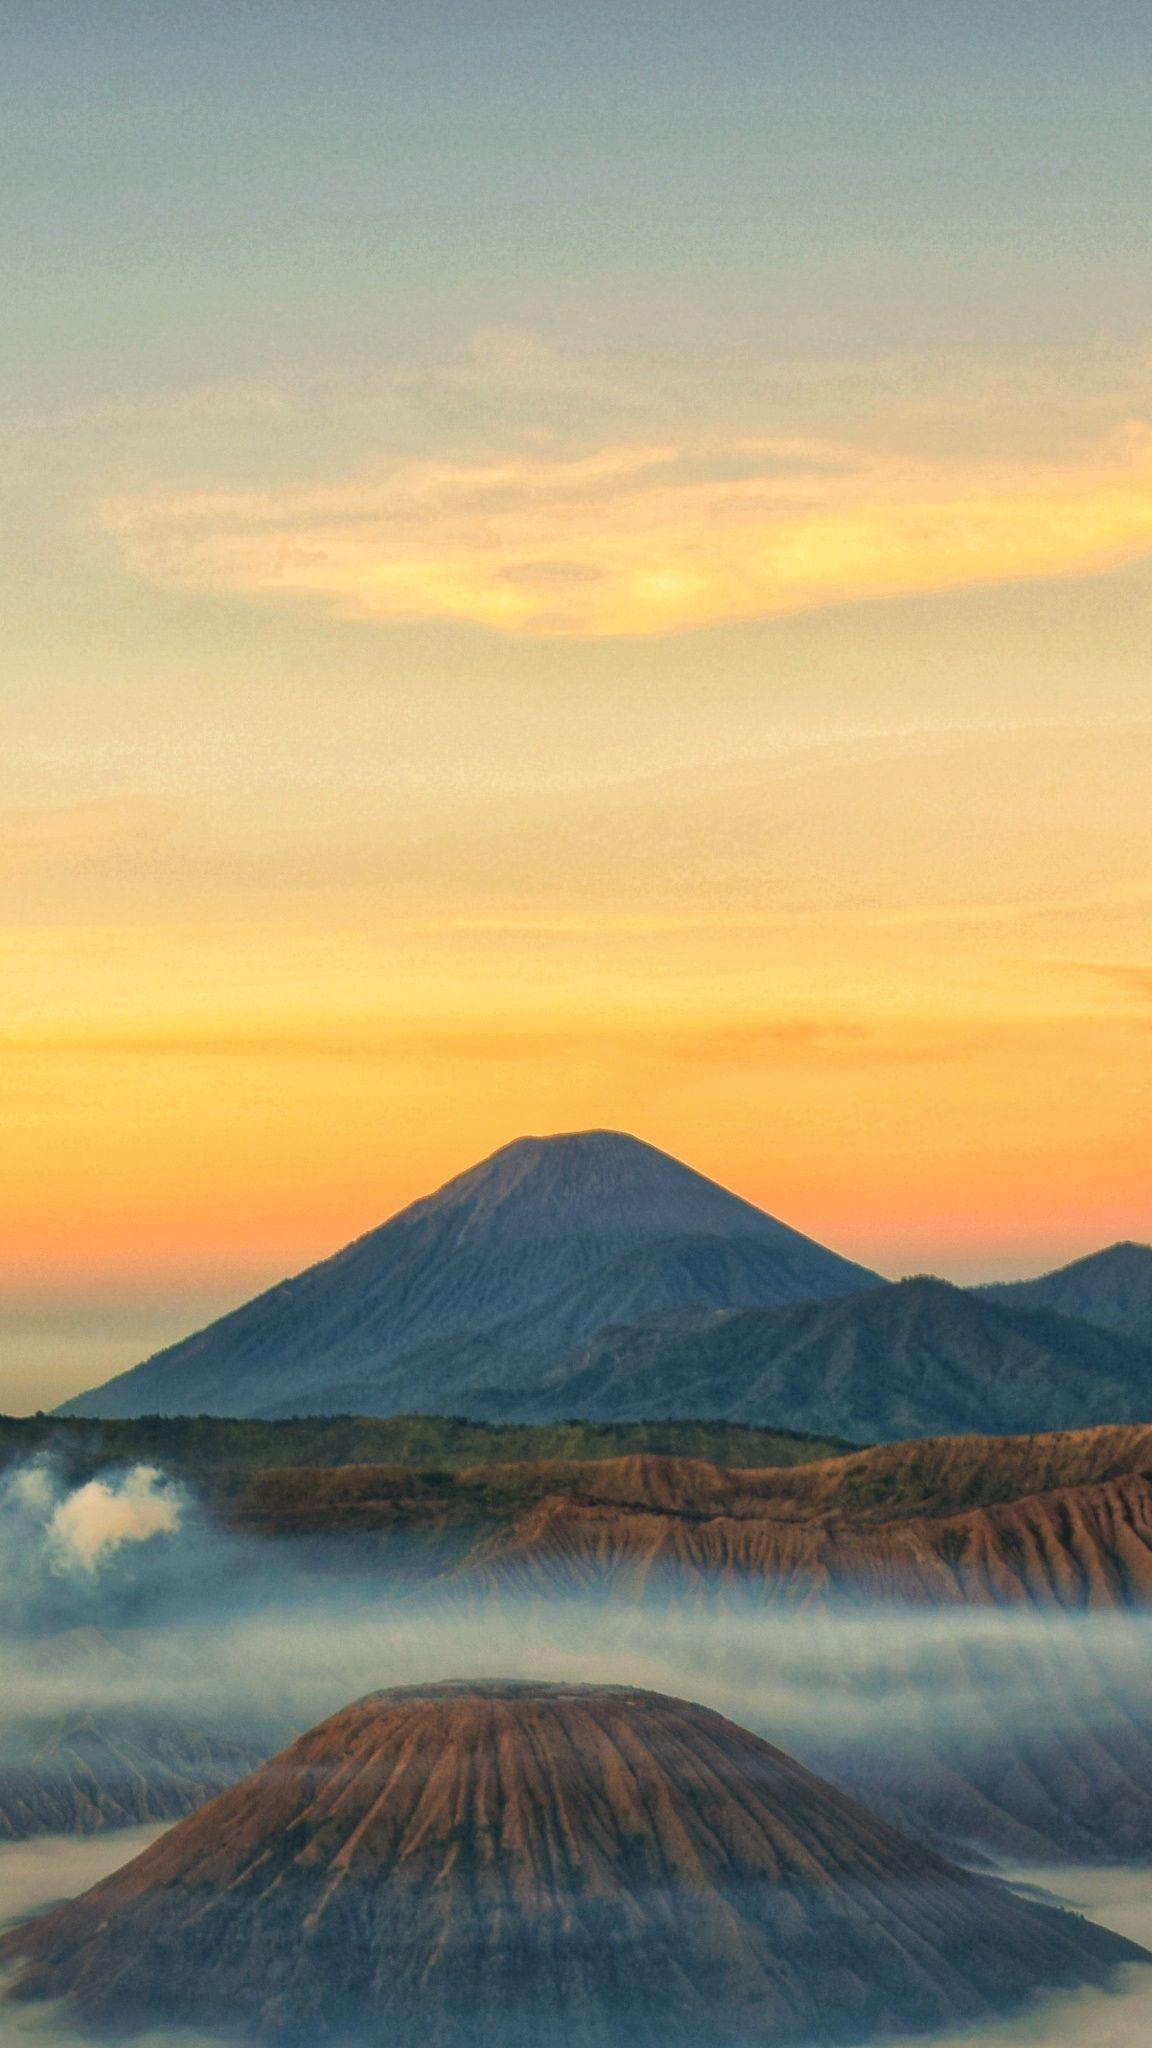 Wallpaper Pemandangan Gunung : wallpaper, pemandangan, gunung, Bromo, Semeru, Mountain, Alam,, Gunung, Berapi,, Pemandangan